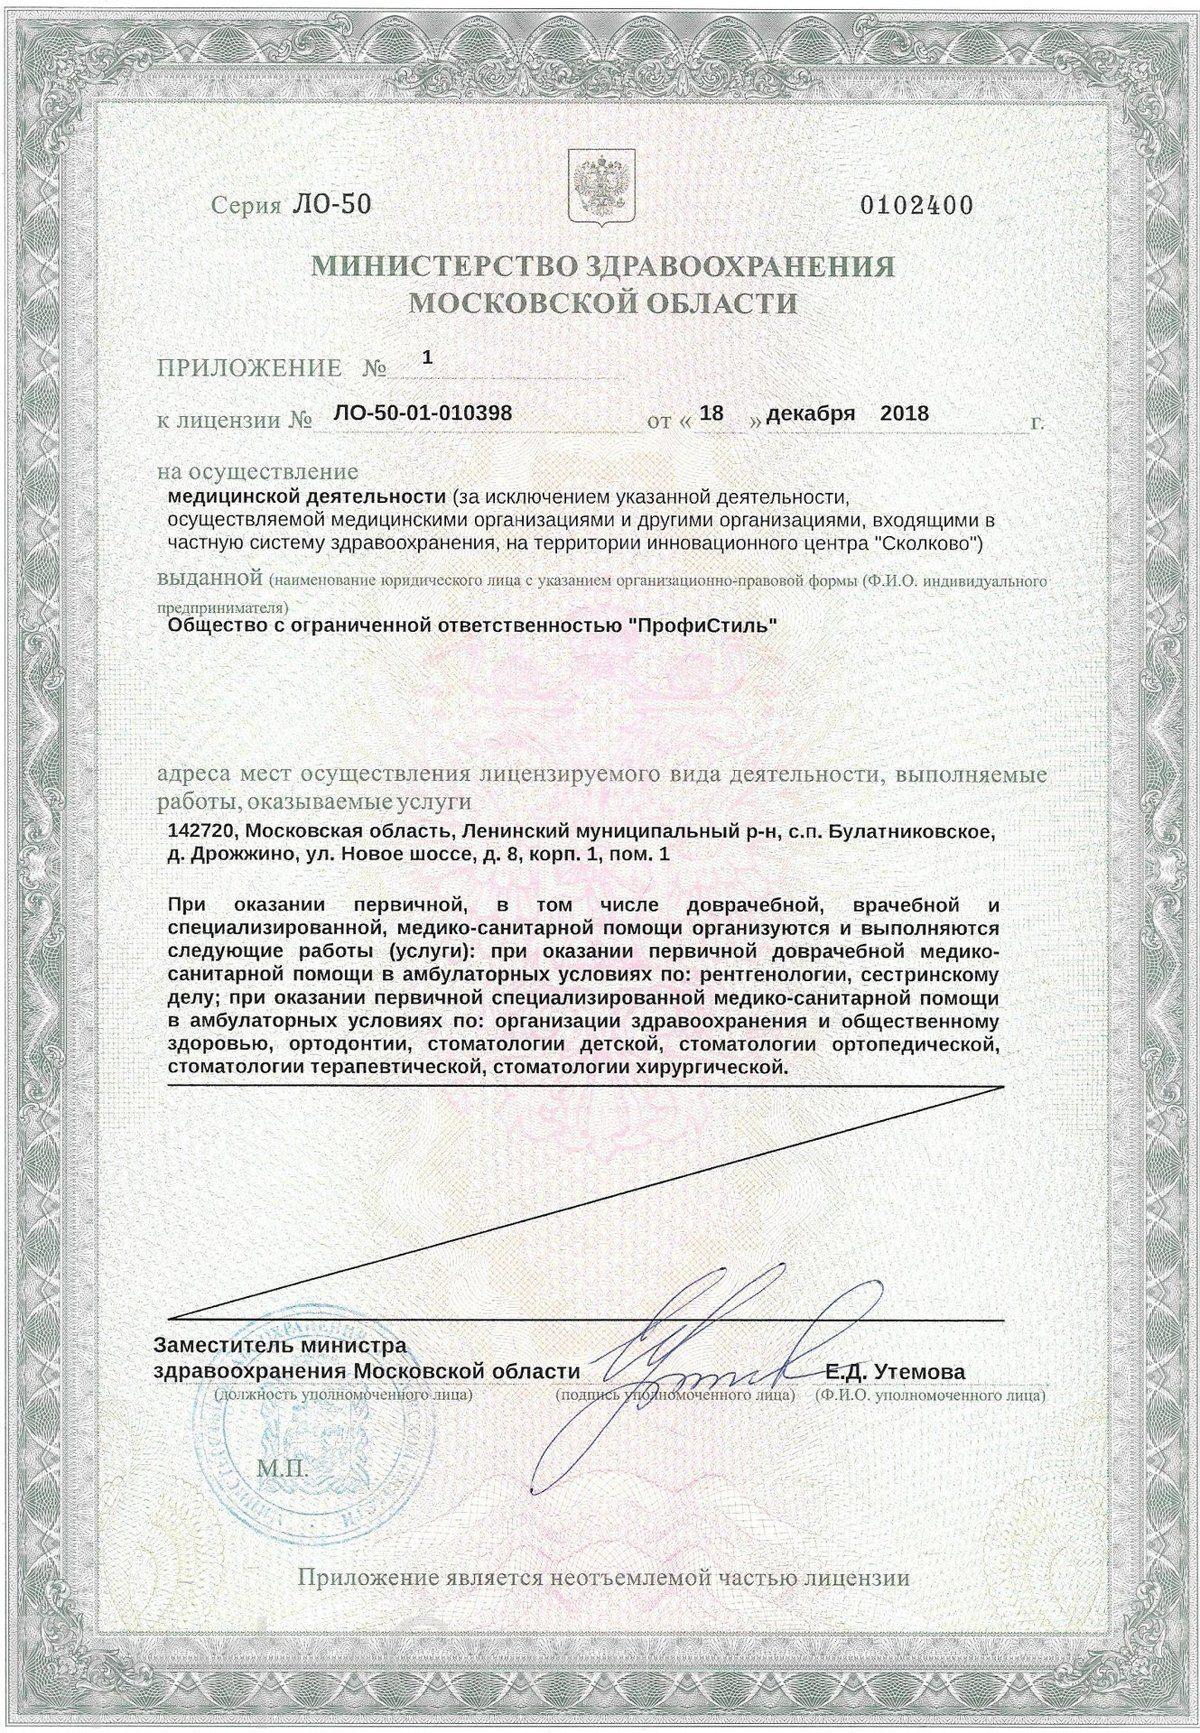 стоматологическая лицензия профистиль